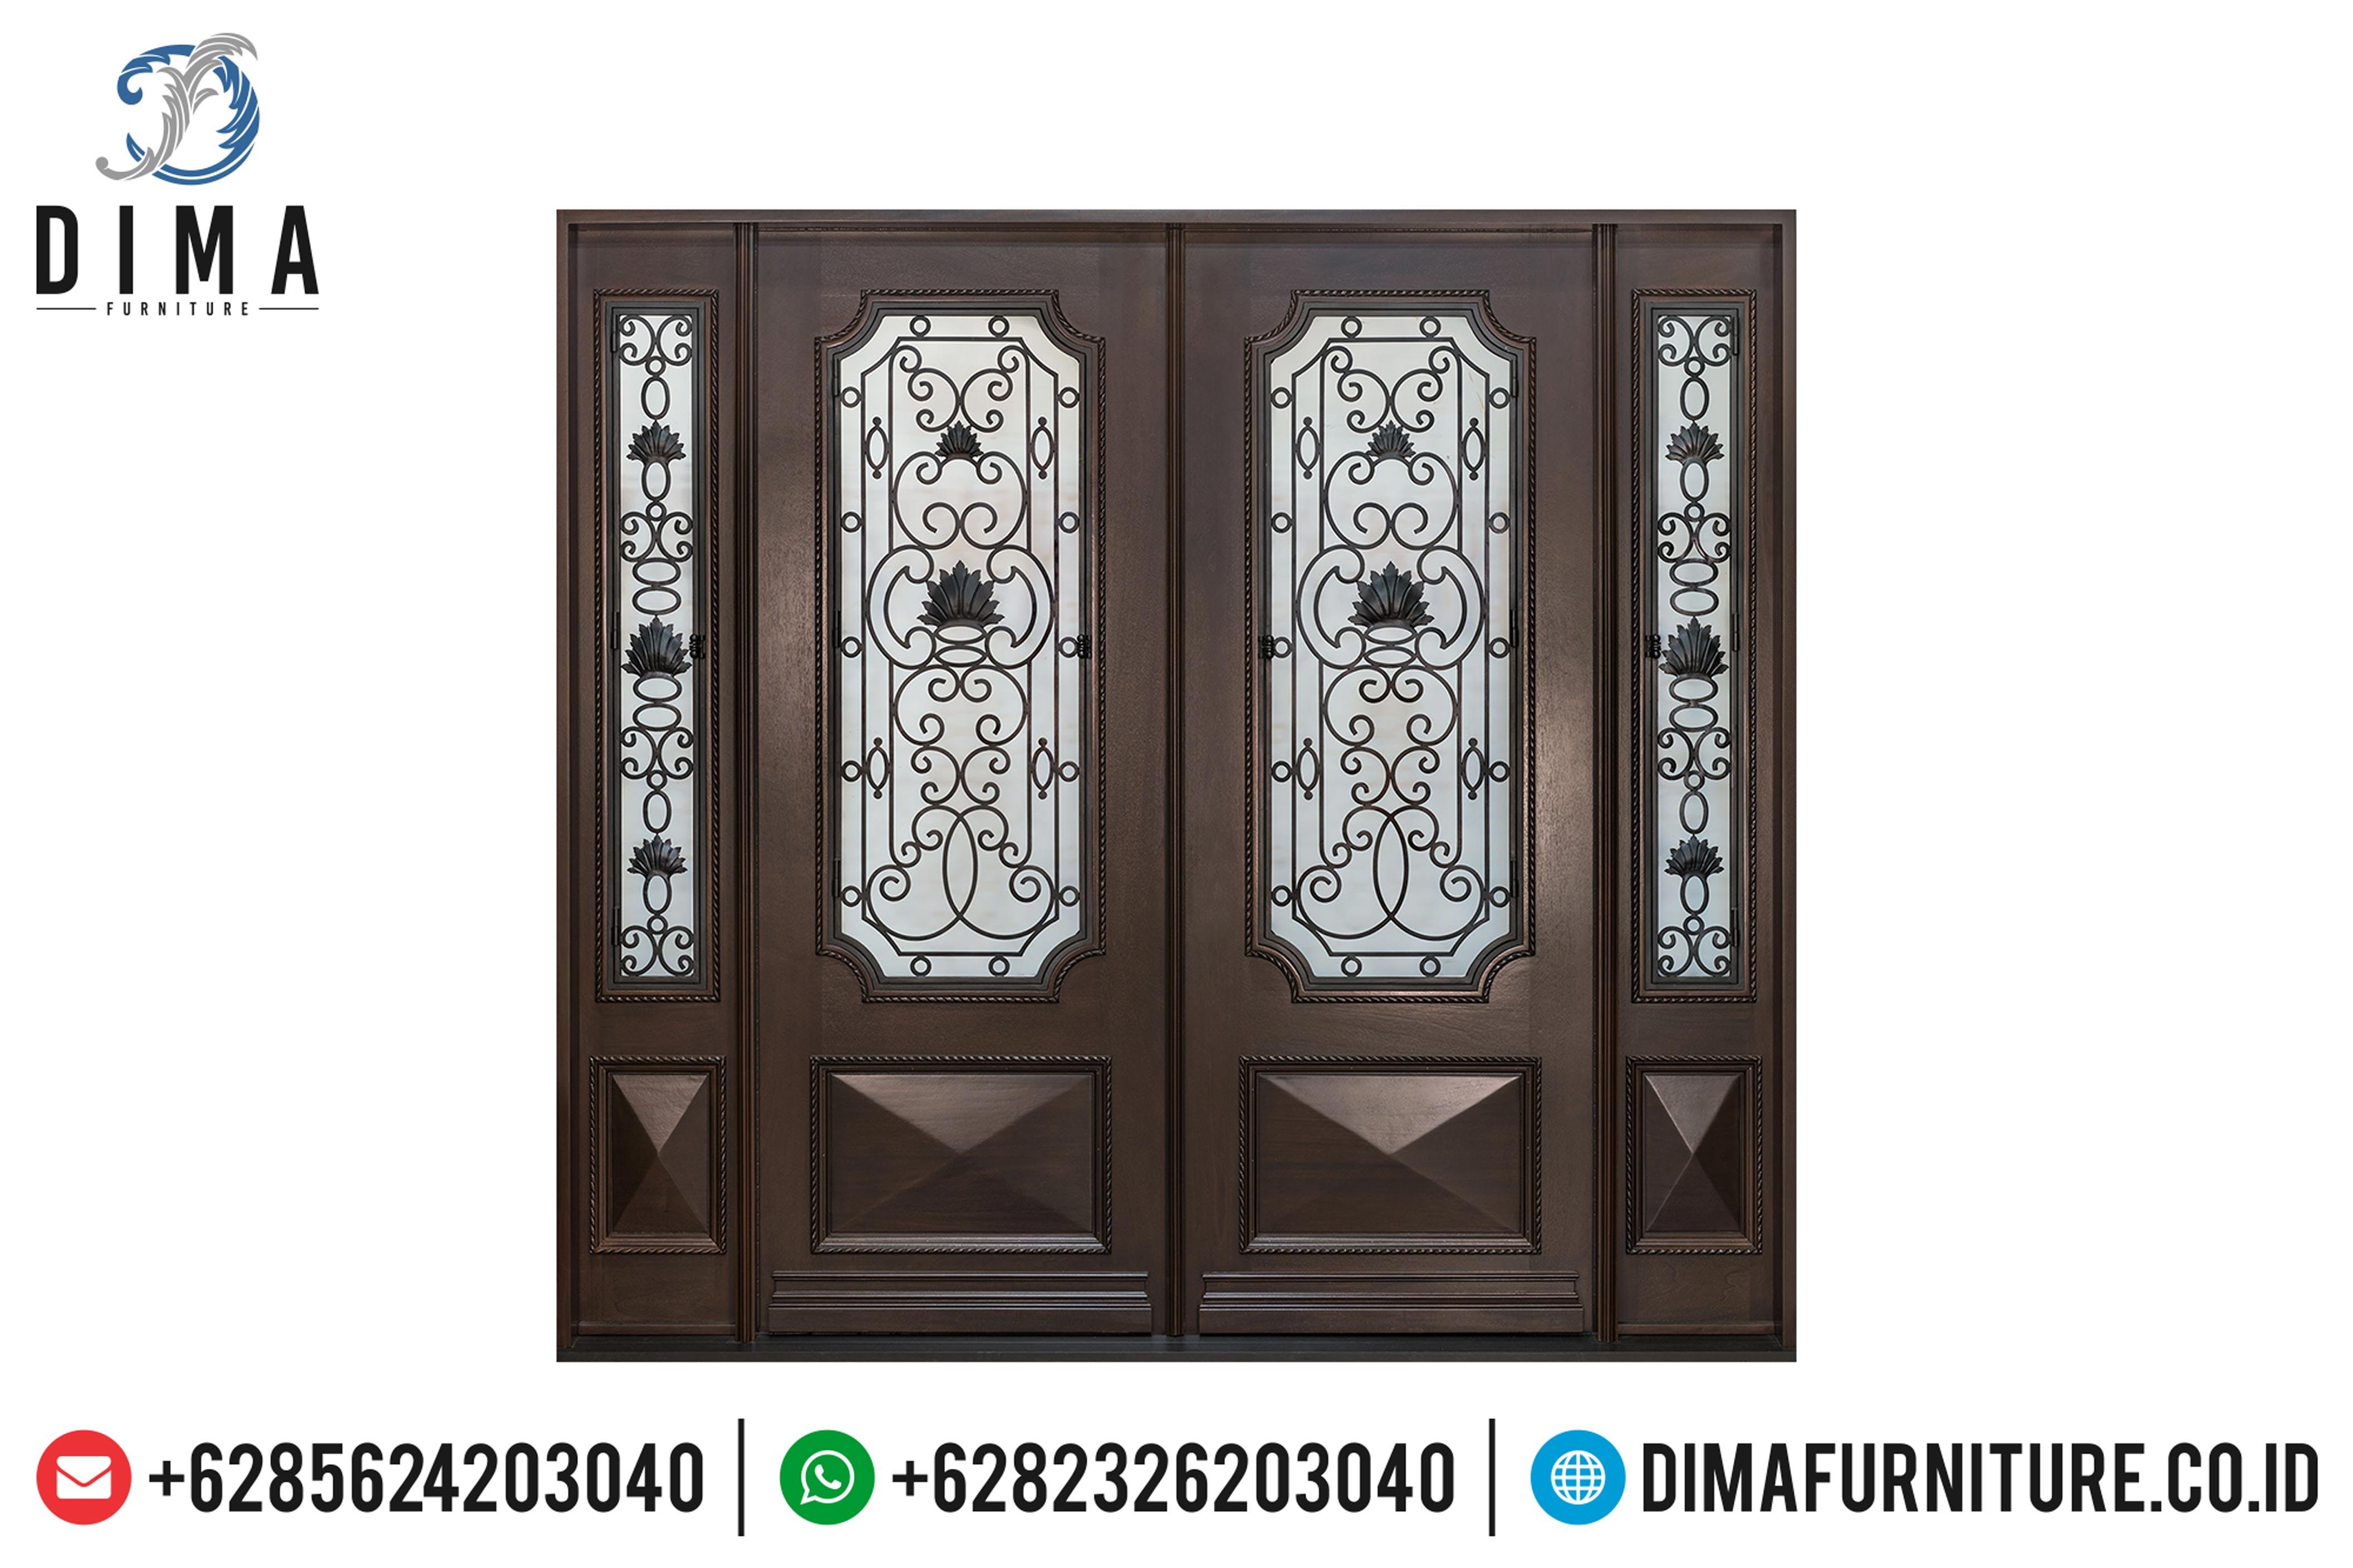 Pintu Rumah Jati Jepara, Kusen Jati TPK, Pintu Rumah Mewah DF-0886